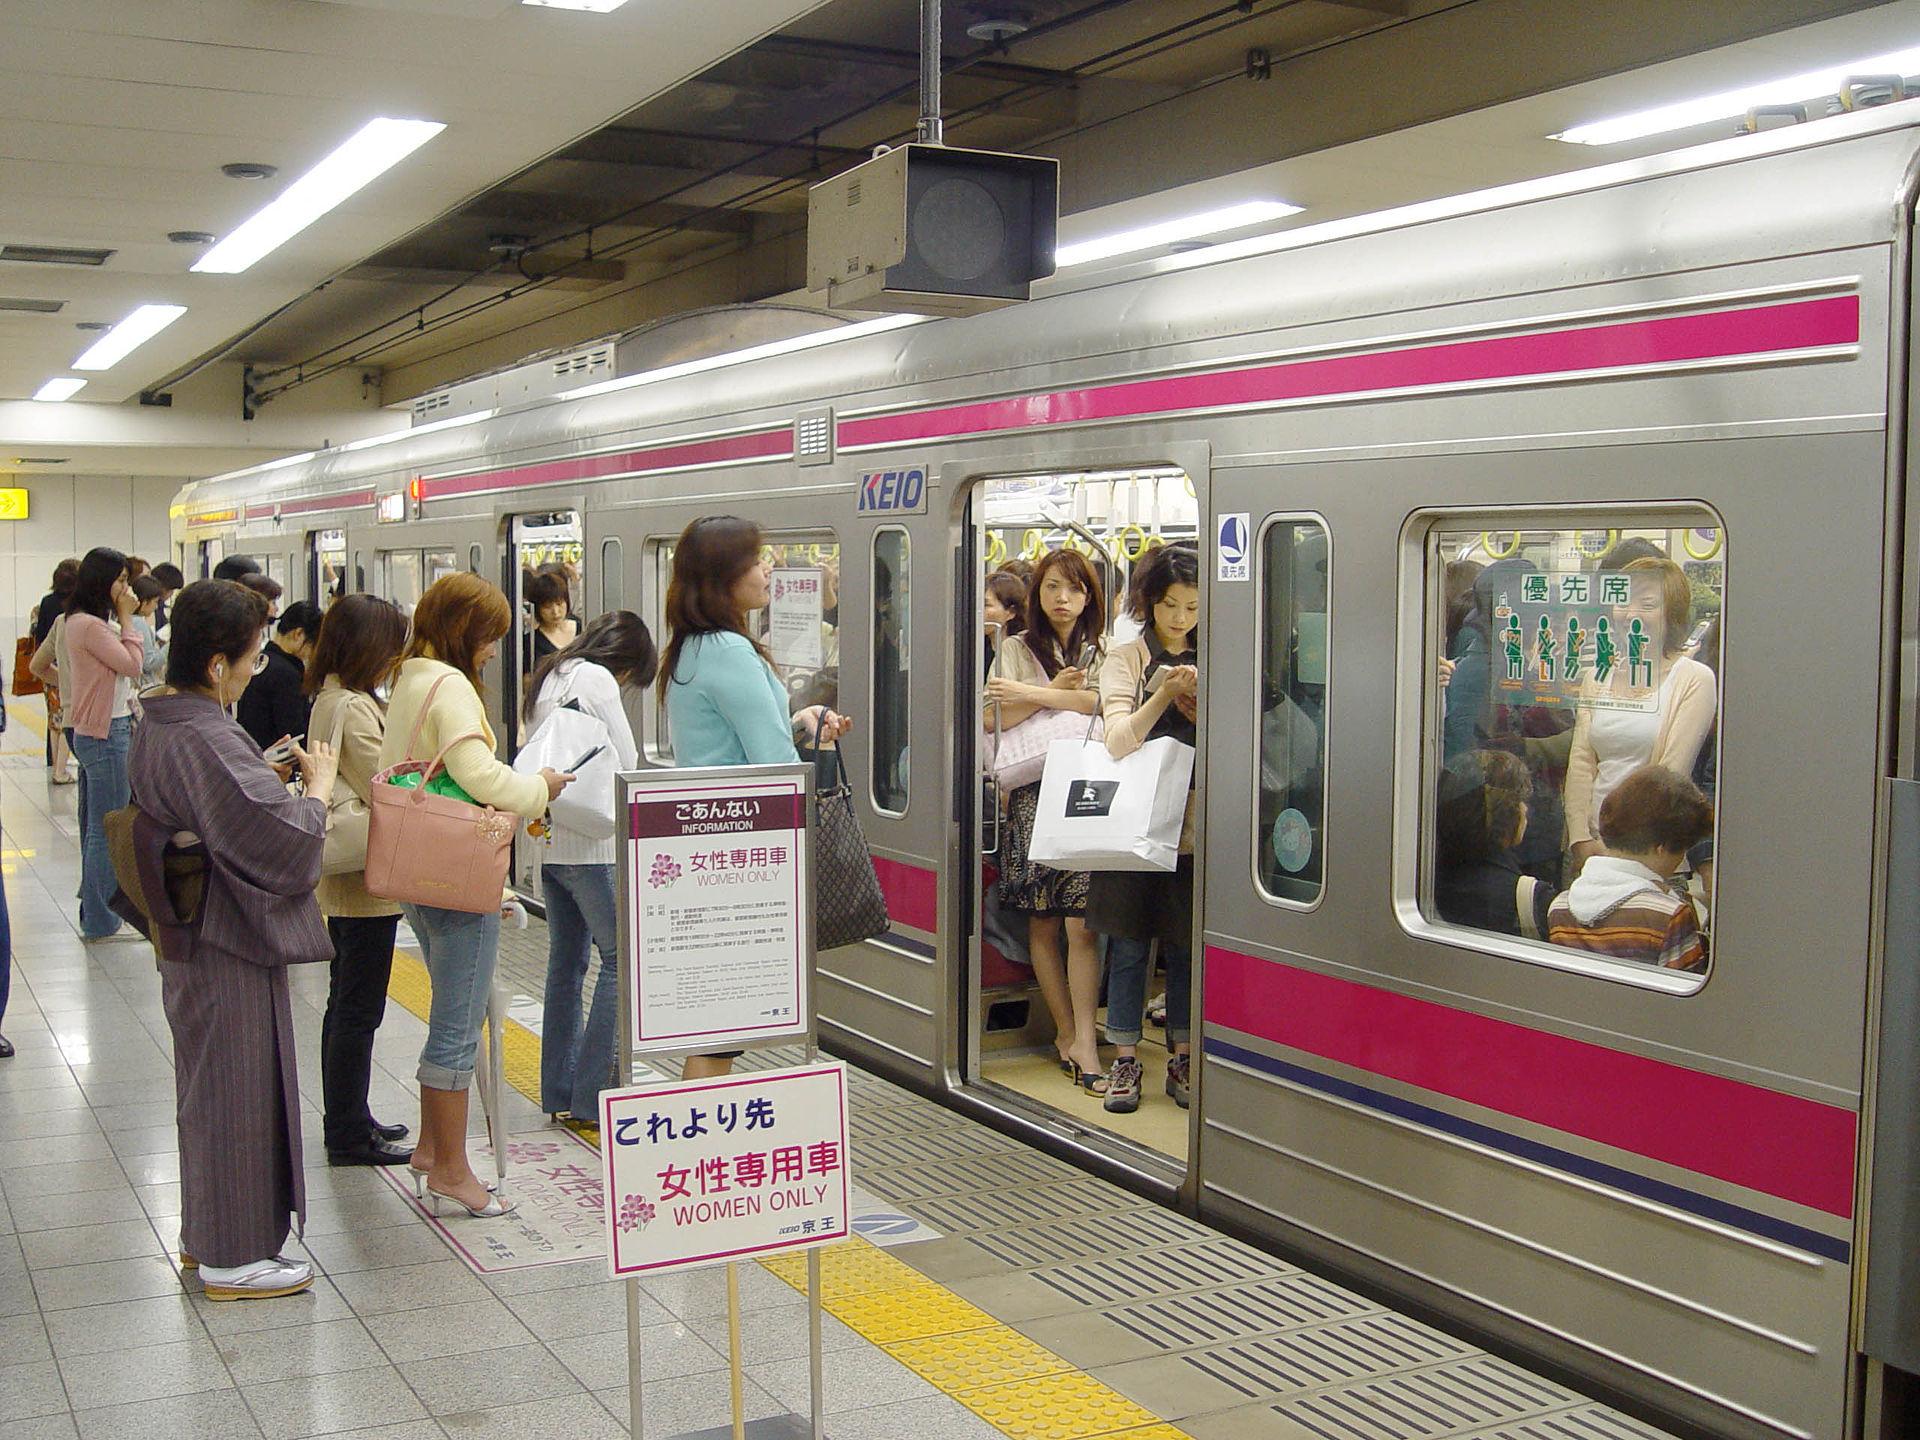 Les wagons réservés aux femmes au Japon font couler beaucoup d'encre